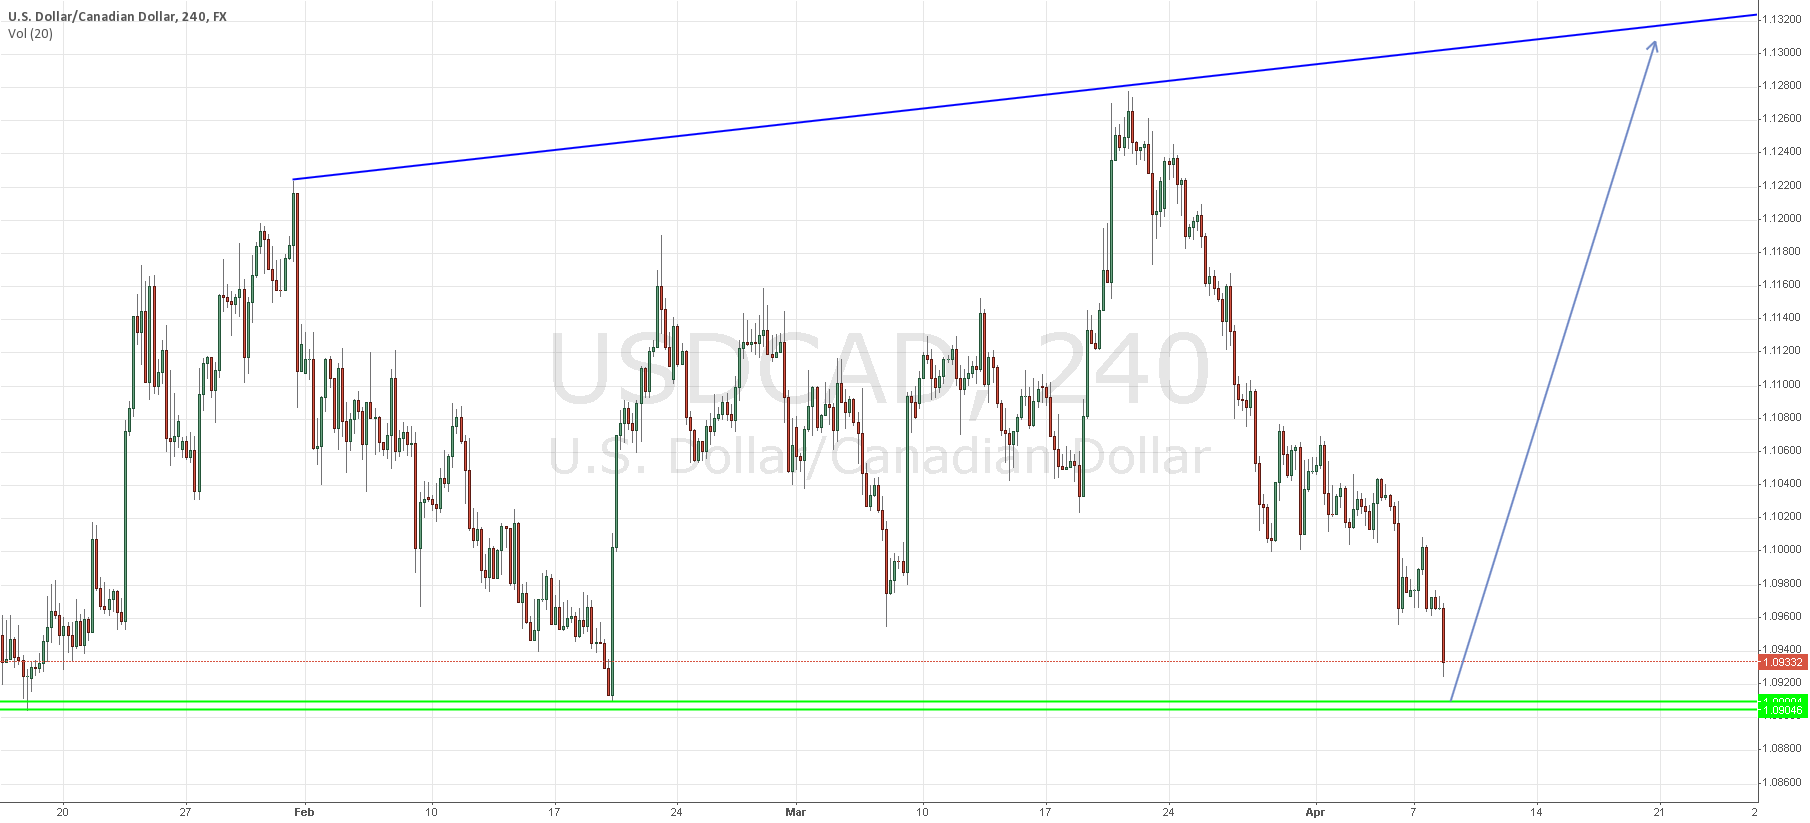 Long USD/CAD around low 1.09XX region